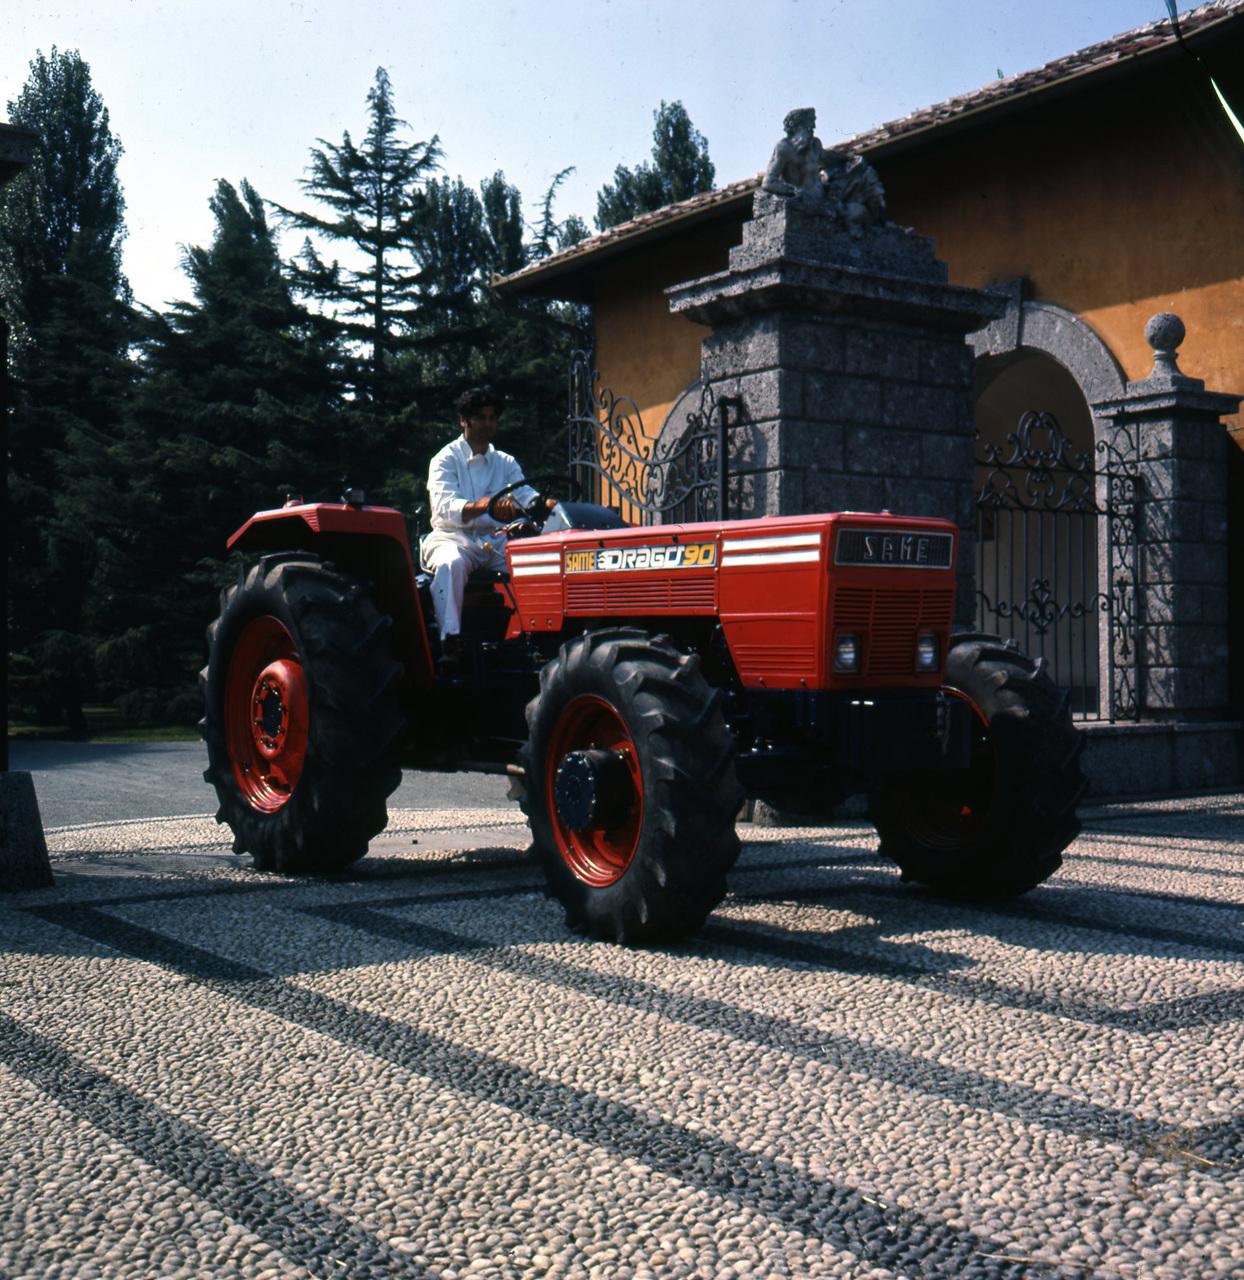 [SAME] trattore Drago 90, prototipo